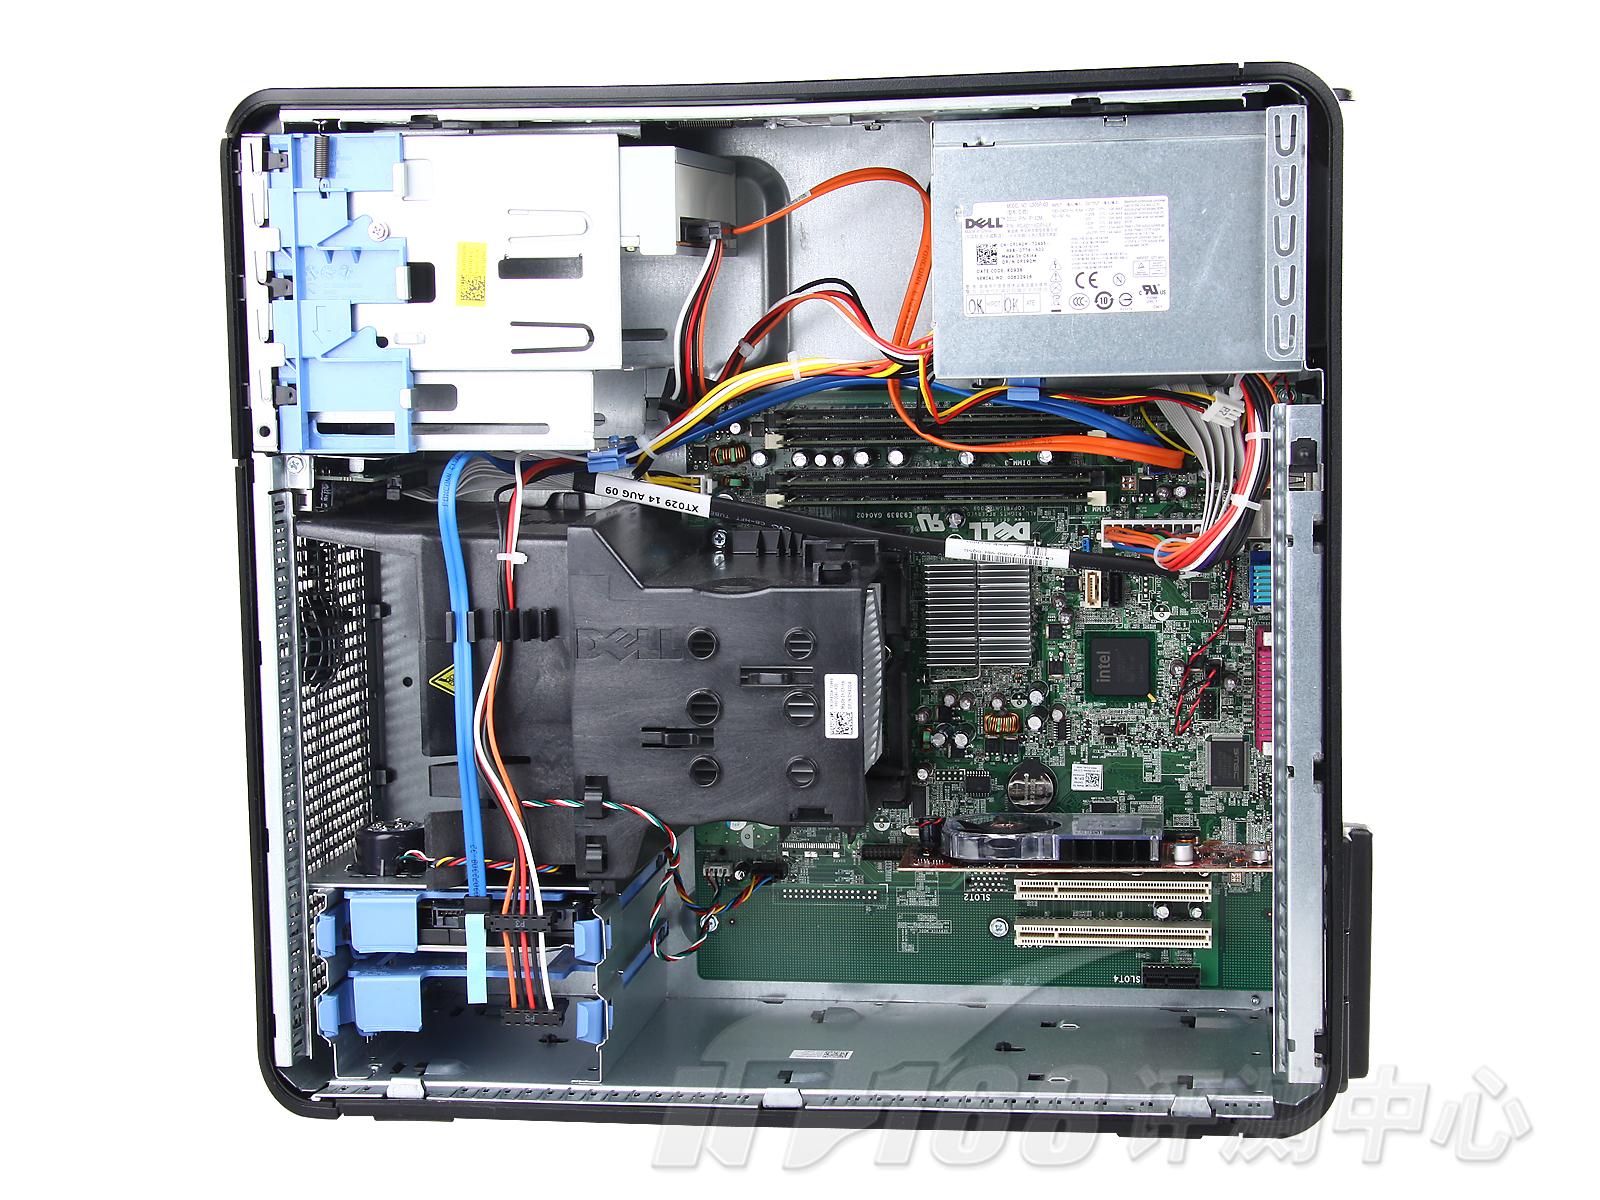 配置如此高端的OptiPlex780功耗表现又如何呢?我们看到这款机器的零负荷待机功耗只有68瓦,满负荷运行也只有111瓦,这个功耗水平表现的极为出色。考虑到这仅仅是主机的功耗表现而没有加上显示器,若加上显示器功耗水平满负荷也仅130多瓦,依然表现十分优异。 IT168评测中心观点:   选购戴尔产品首先一个好处就是可以灵活搭配硬件,选配出最符合自己使用需要的产品,此外可以选择灵活的售后服务方式,戴尔也会提供完善的服务。这是从硬件配置到售后服务戴尔都会提供一整套的解决方案。  戴尔OptiPlex78